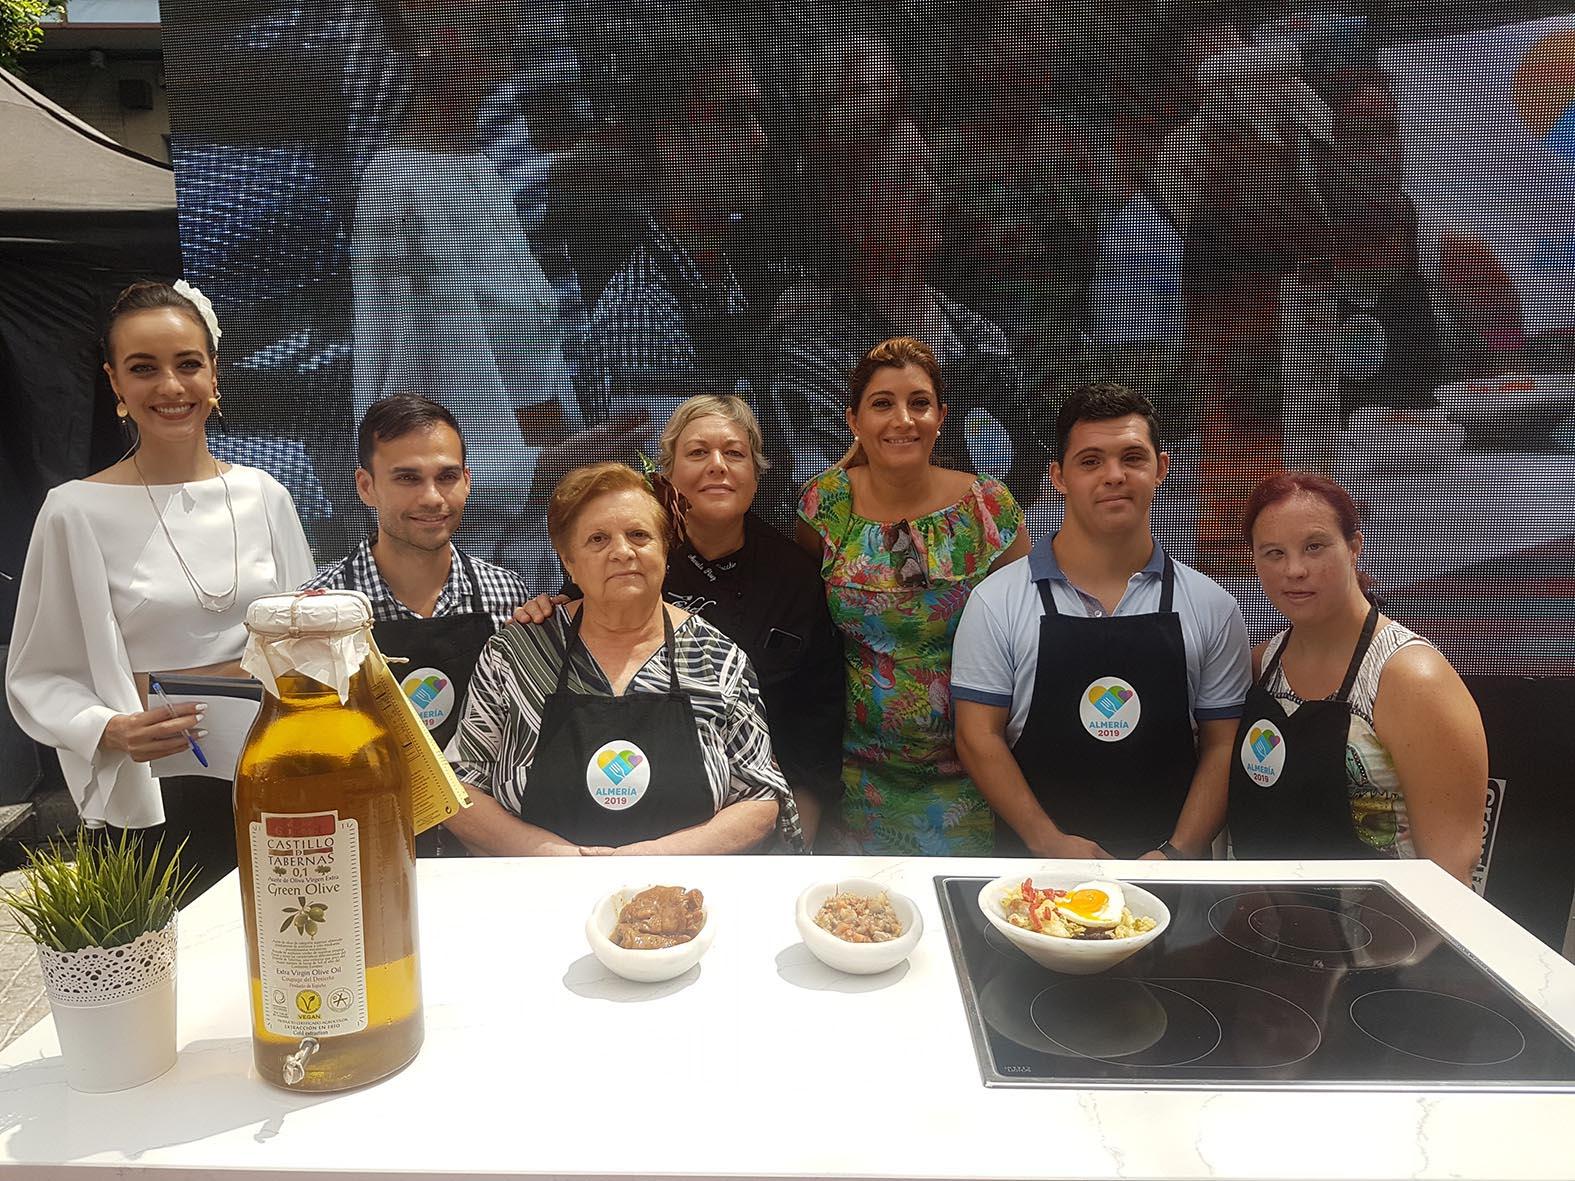 El tramo gastronómico despide la Feria de 2018 con los ganadores del certamen 'Chefs en Casa'